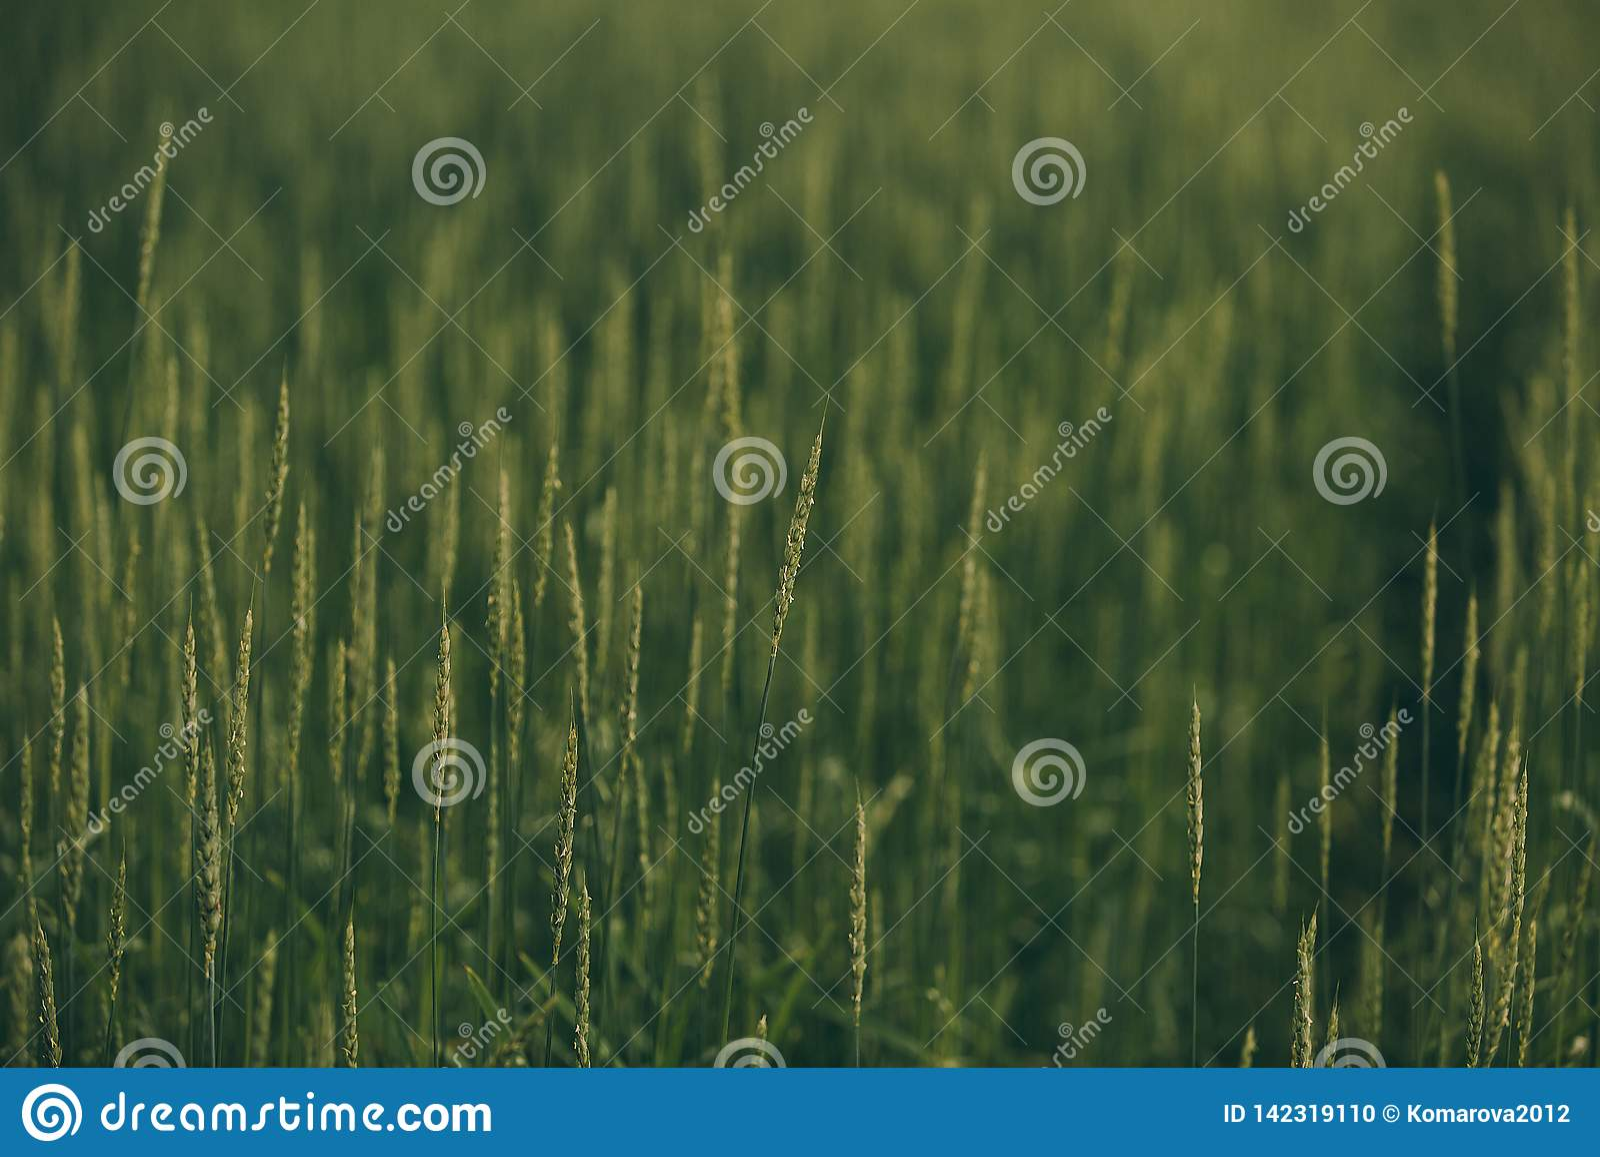 Grova spikar i ett grönt fält